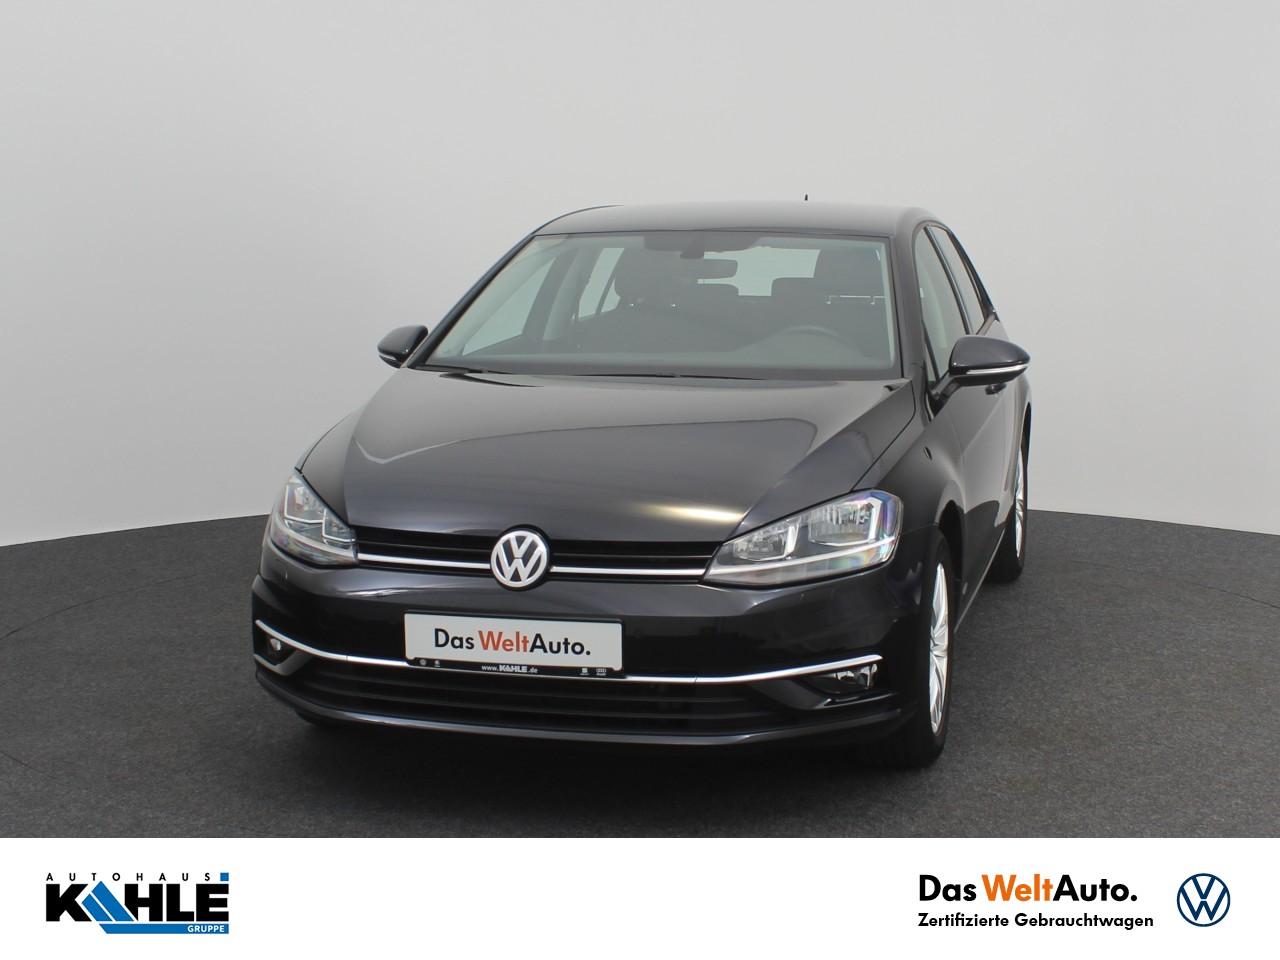 Volkswagen Golf VII 1.0 TSI BMT Comfortline Navi Klima PDC, Jahr 2017, Benzin